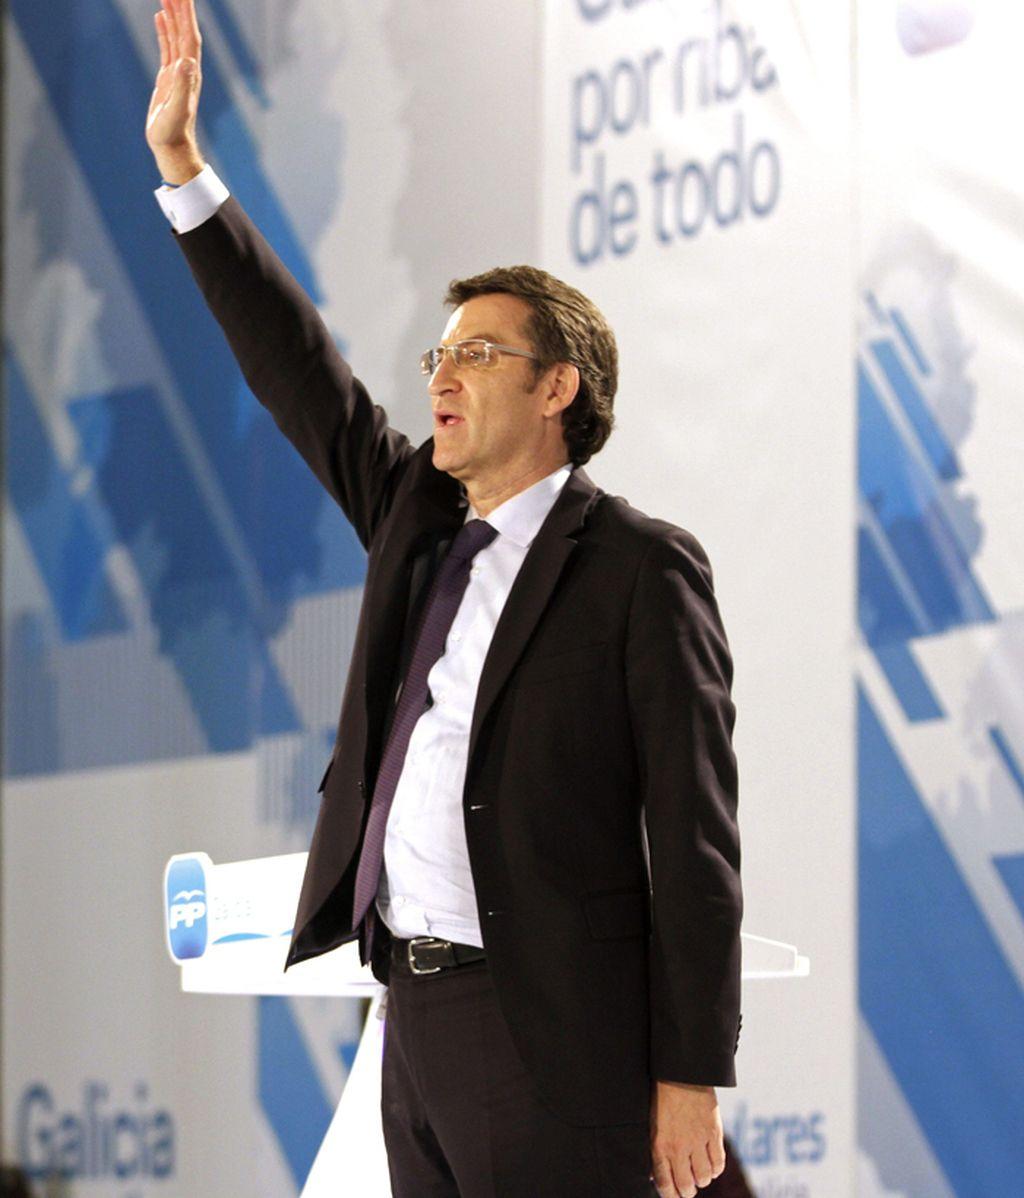 El presidente de la Xunta y candidato del PPdeG a la reelección, Alberto Núñez Feijóo, durante el cierre de la campaña electoral